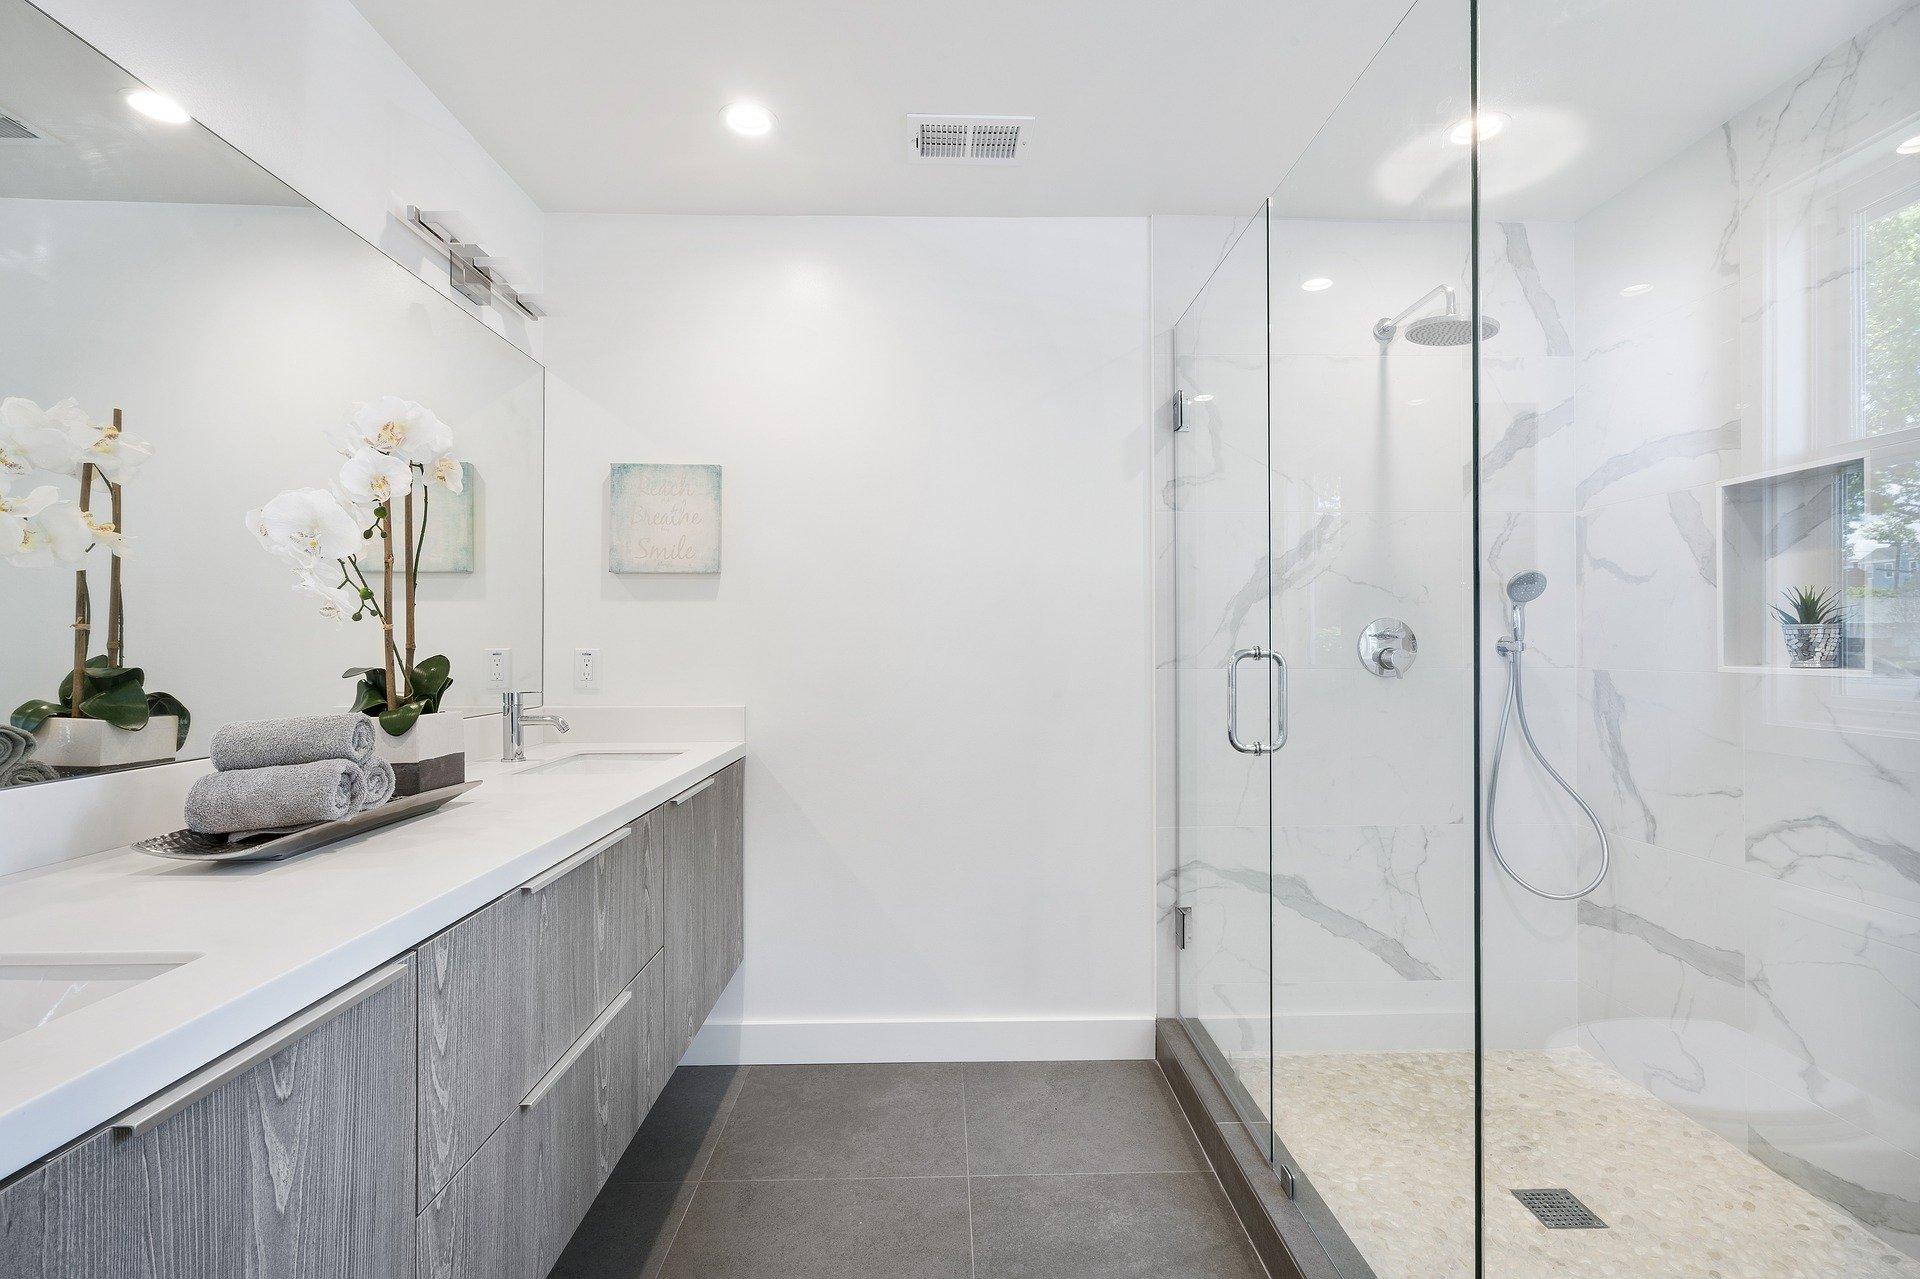 Un meuble de salle de bain sur mesure incroyable mais vrai !